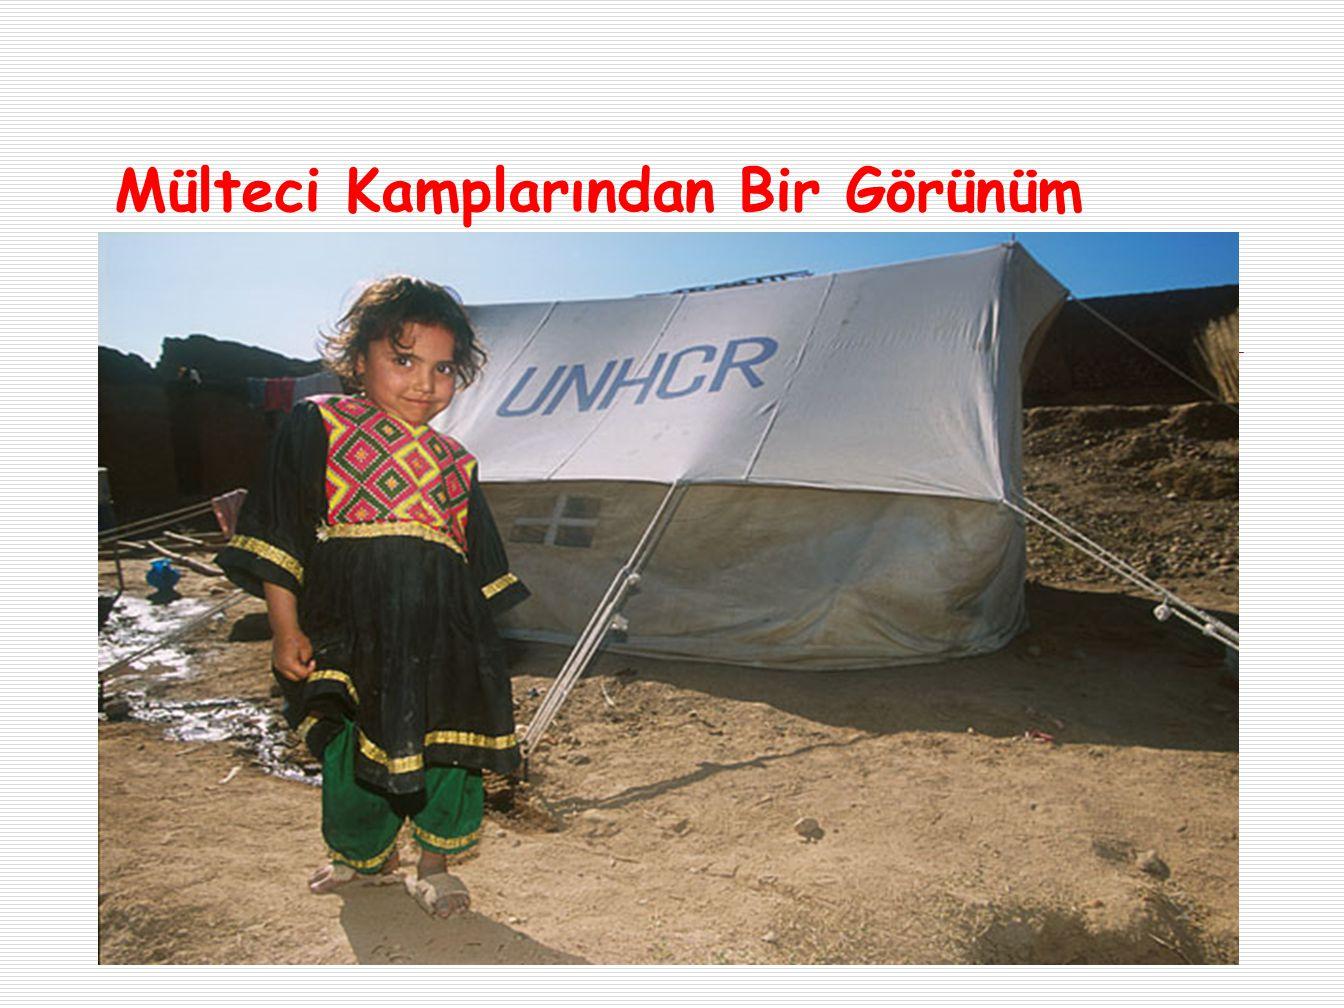 Mülteci Kamplarından Bir Görünüm